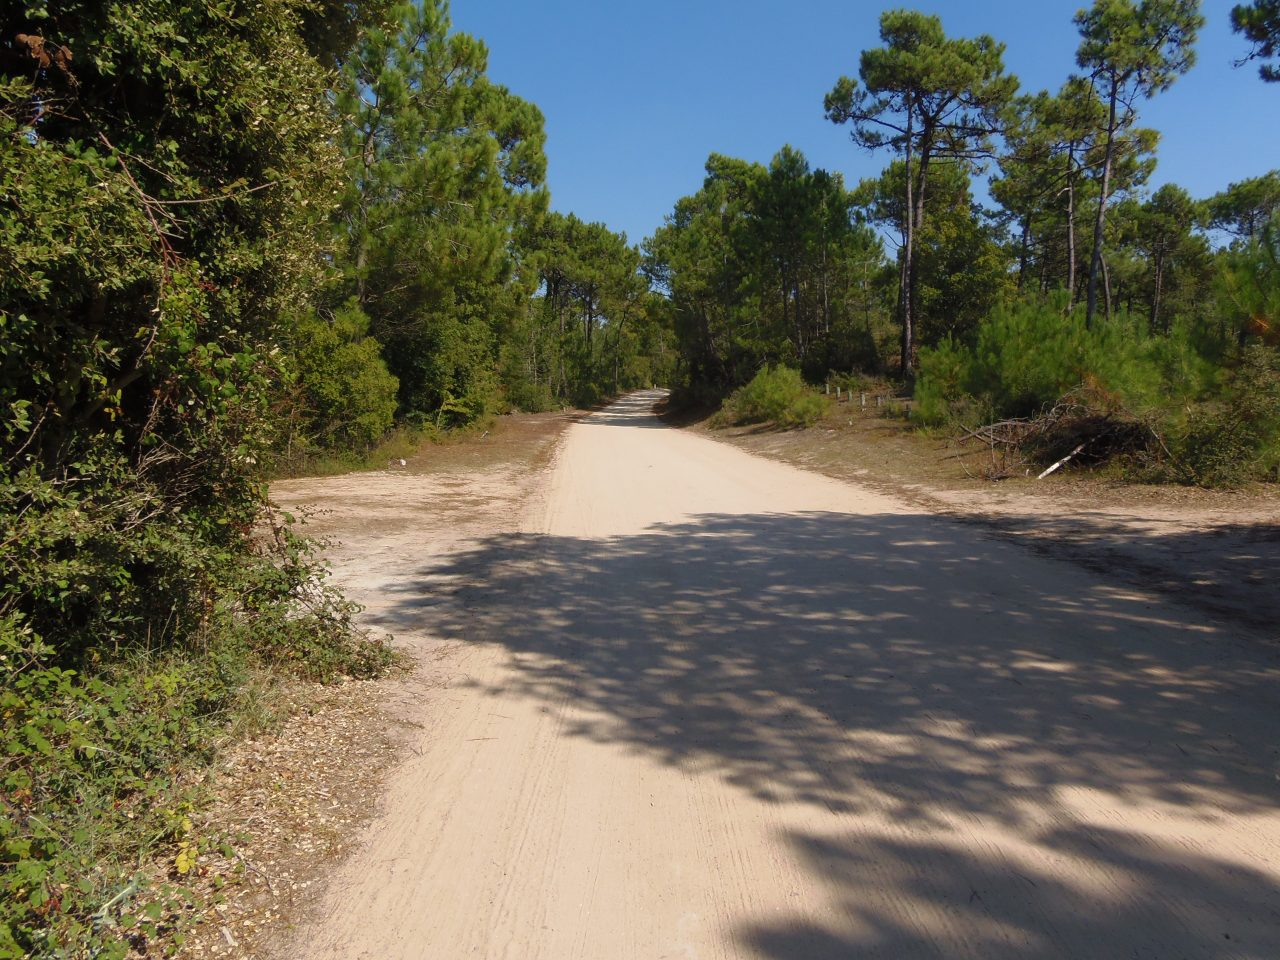 passage-du-gois-fietsen-bossen-kust-vendee